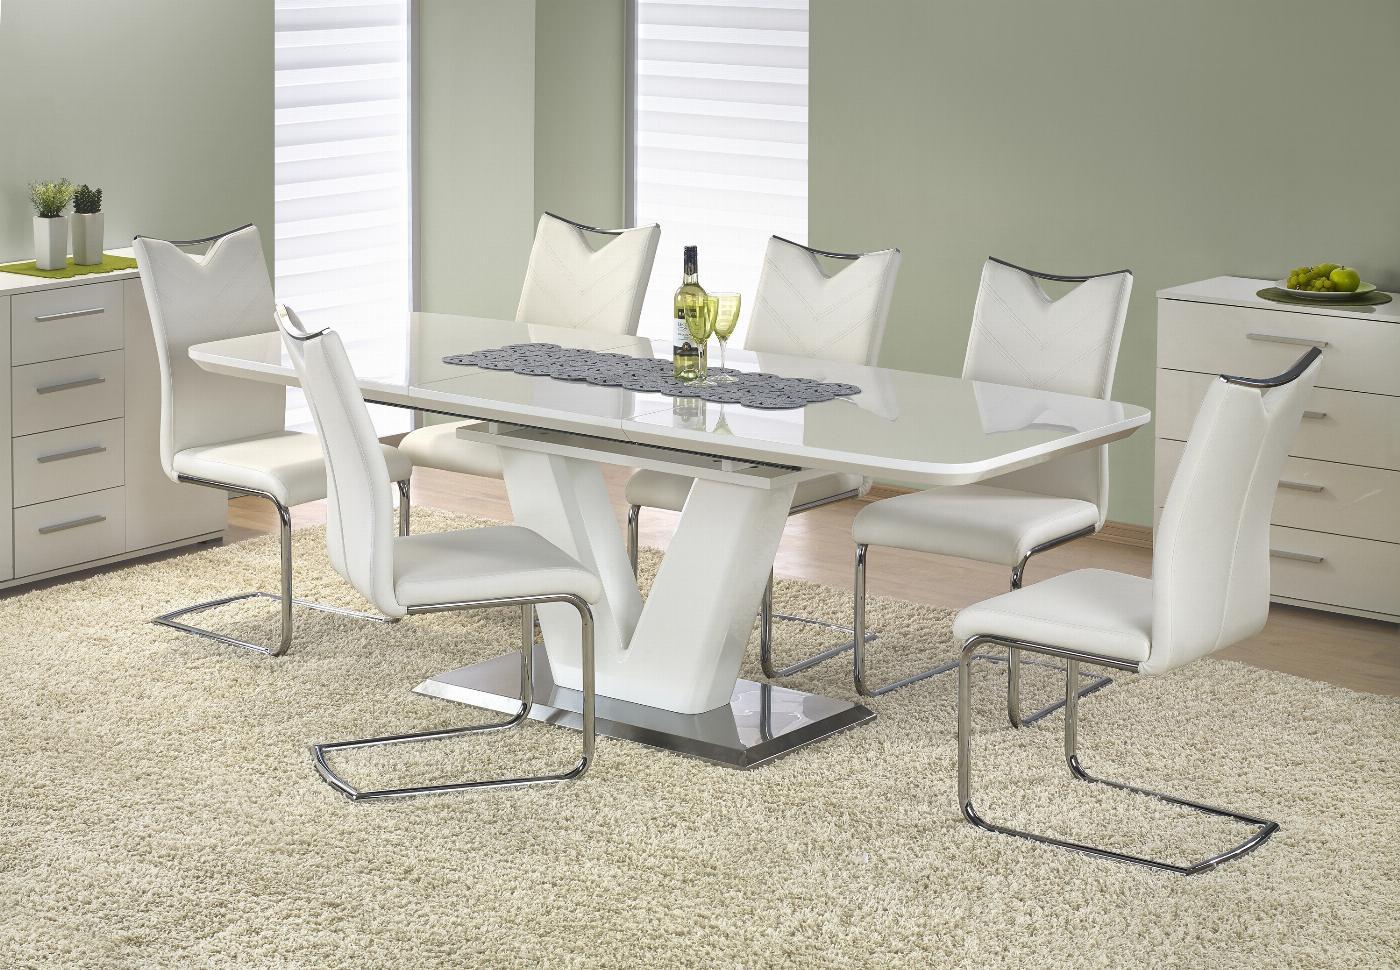 MISTRAL stół biały połysk (3p=1szt)